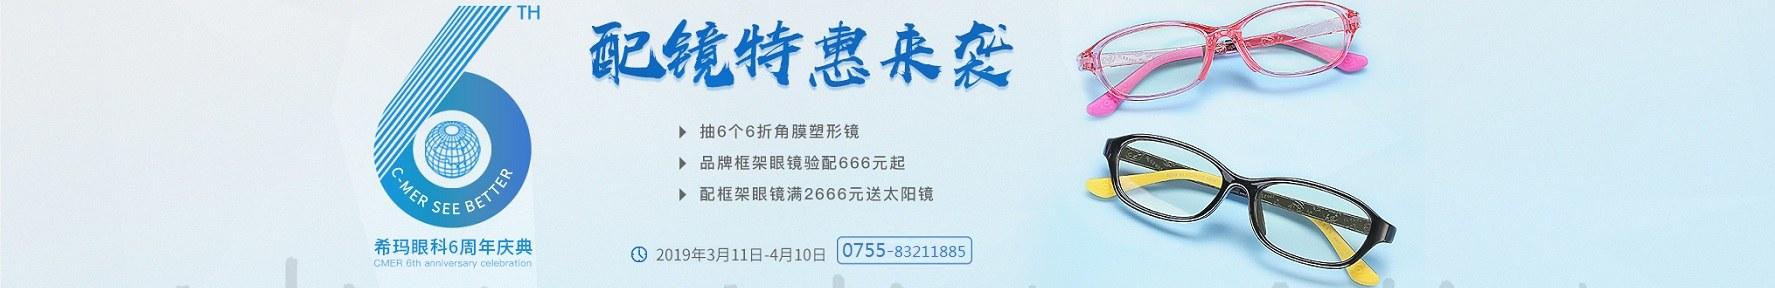 深圳眼科医院